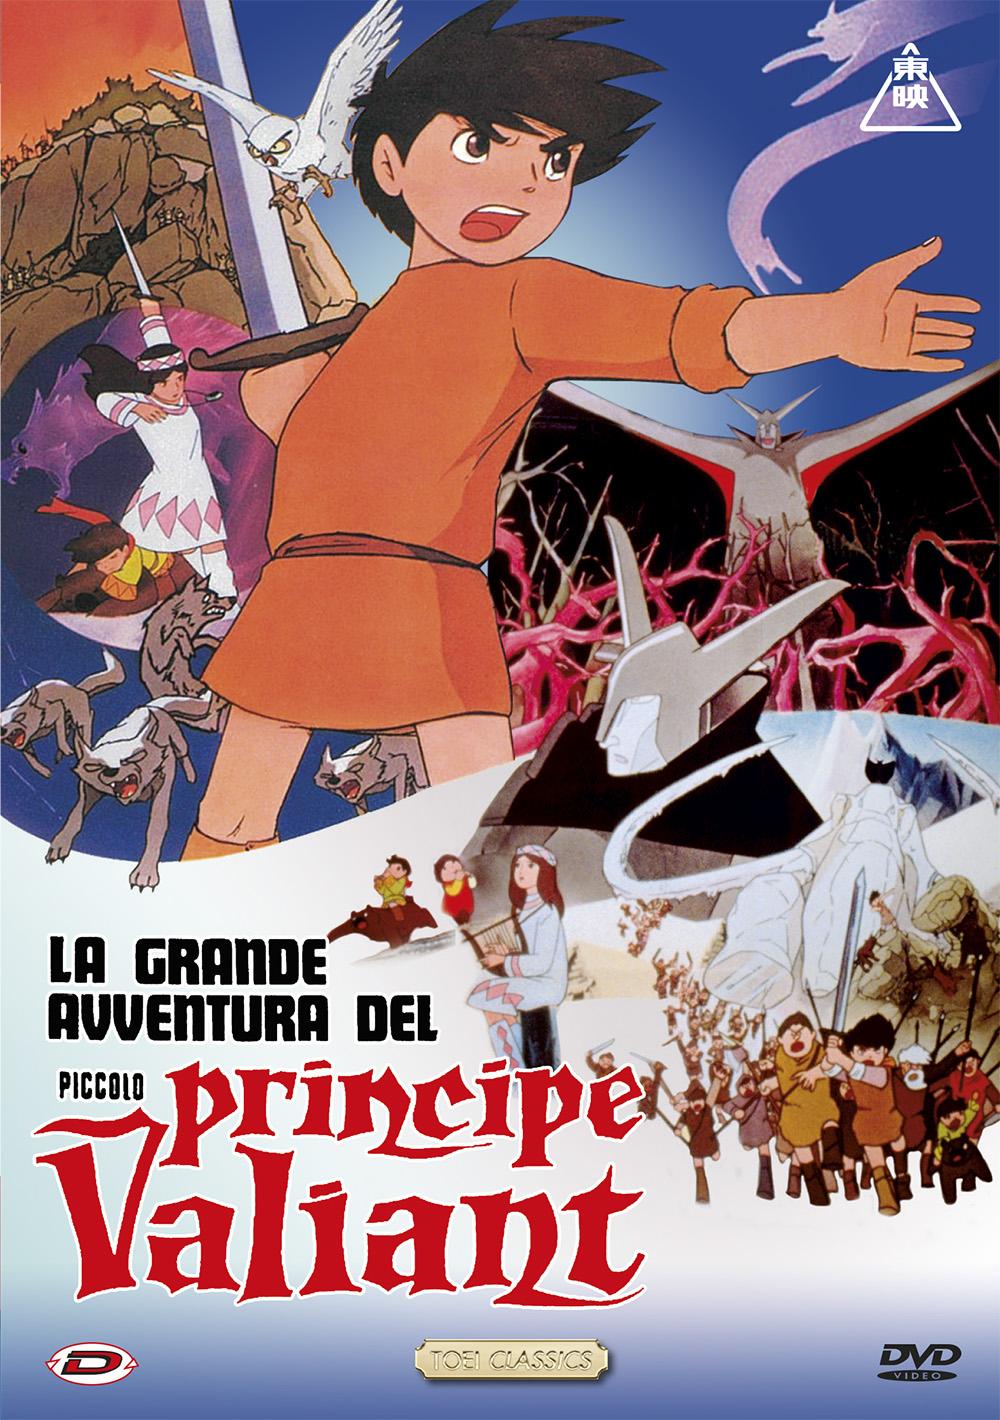 LA GRANDE AVVENTURA DEL PICCOLO PRINCIPE VALIANT (DVD)